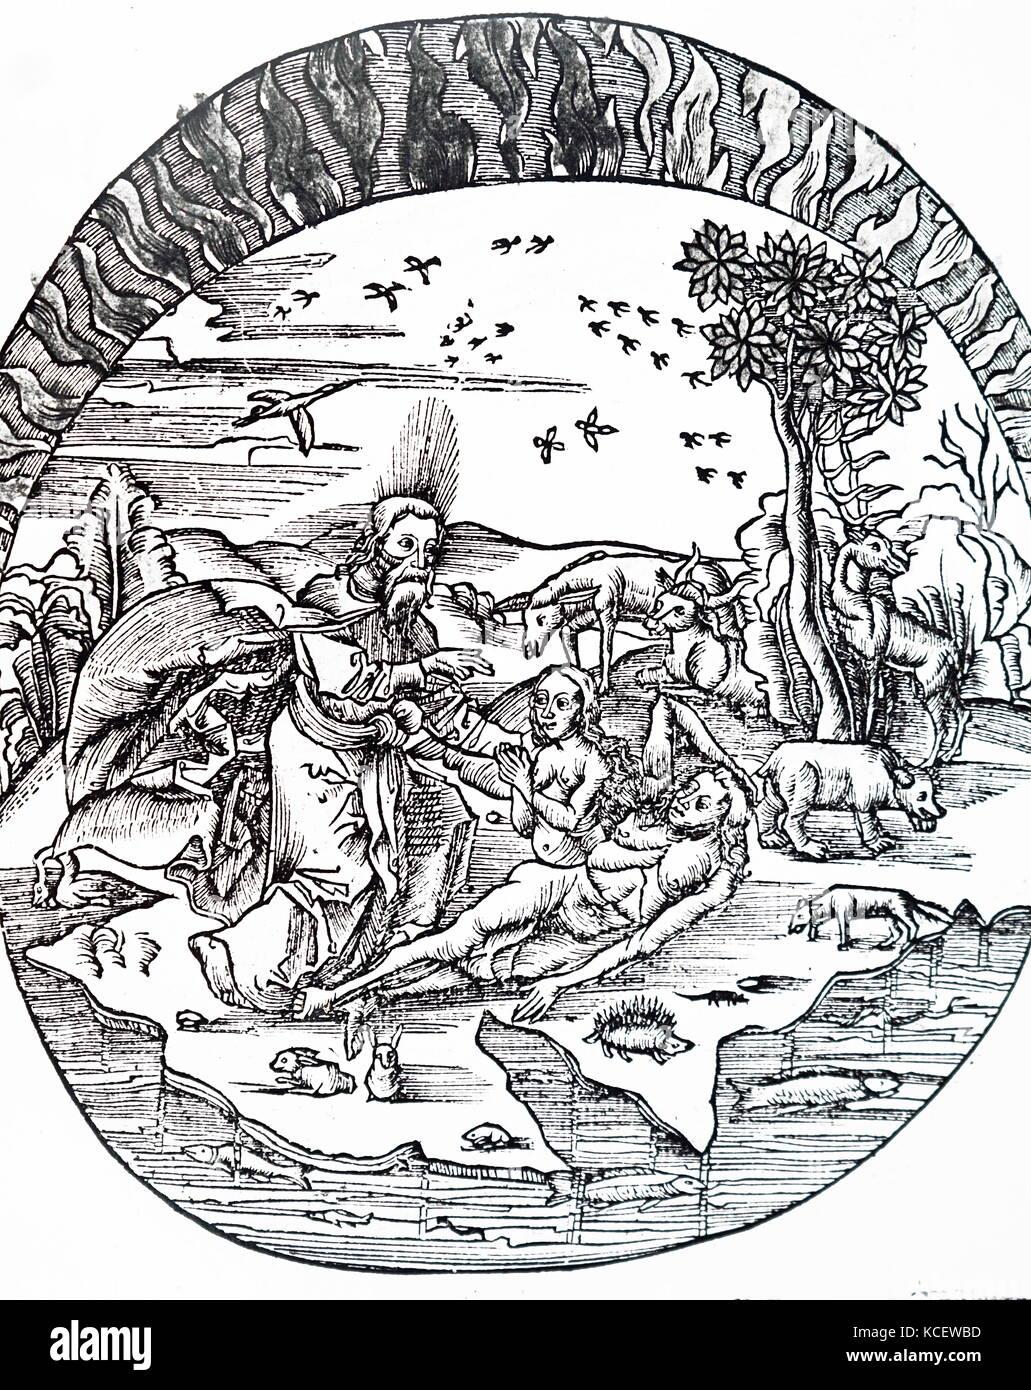 Illustrazione raffigurante Talete di Mileto' concetto di una terra piatta galleggiante sopra l'acqua. Talete Immagini Stock